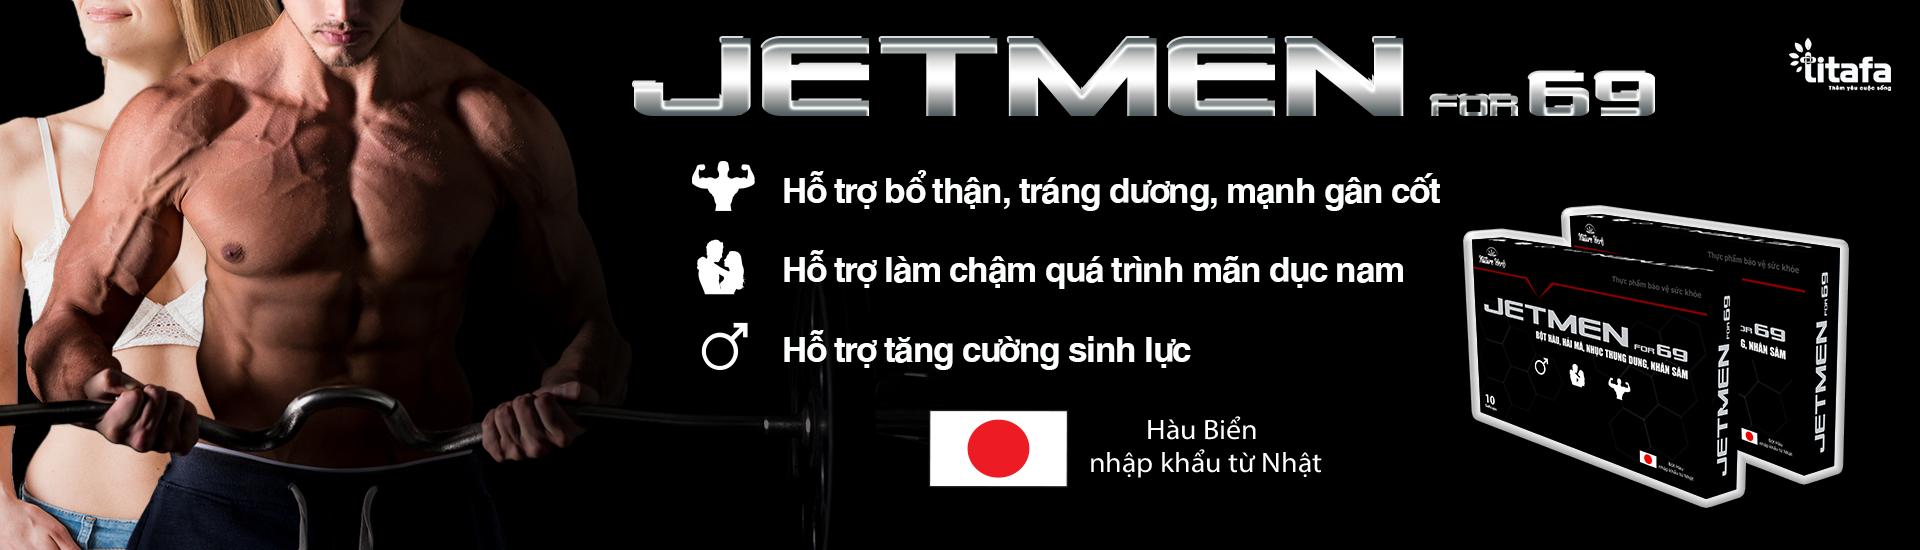 Jetmenfor69